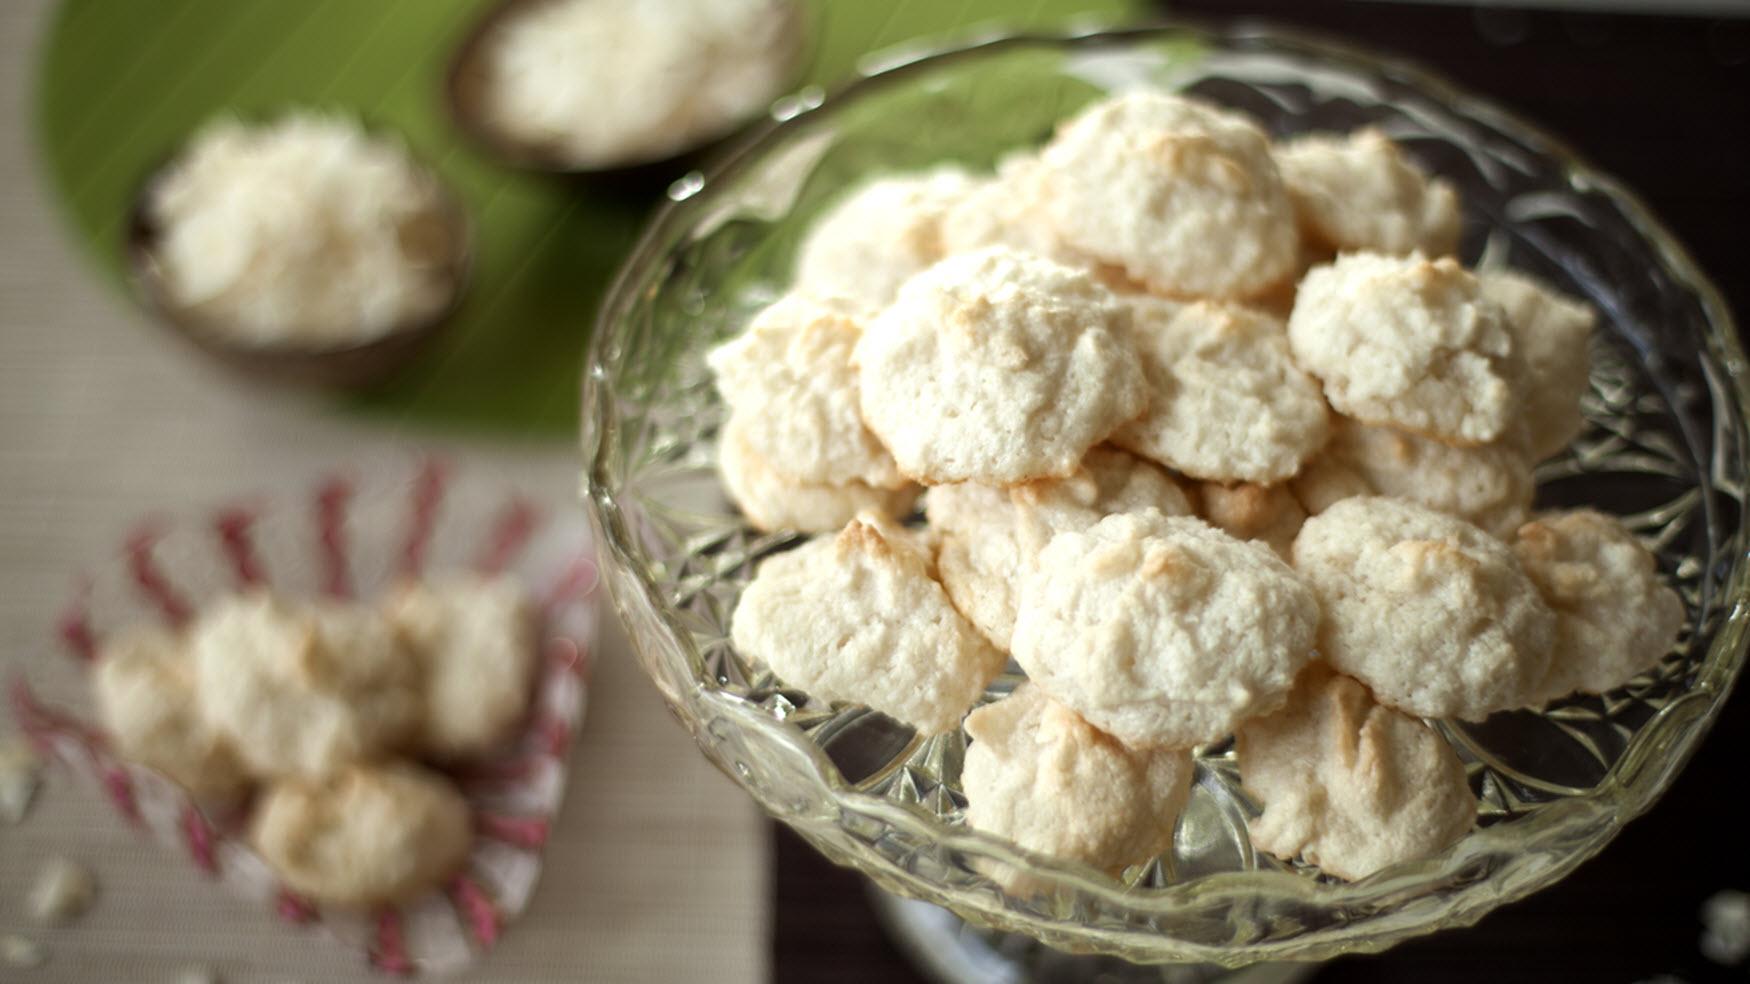 Easy Three-Ingredient Gluten-Free German Christmas Coconut Cookies vewohl